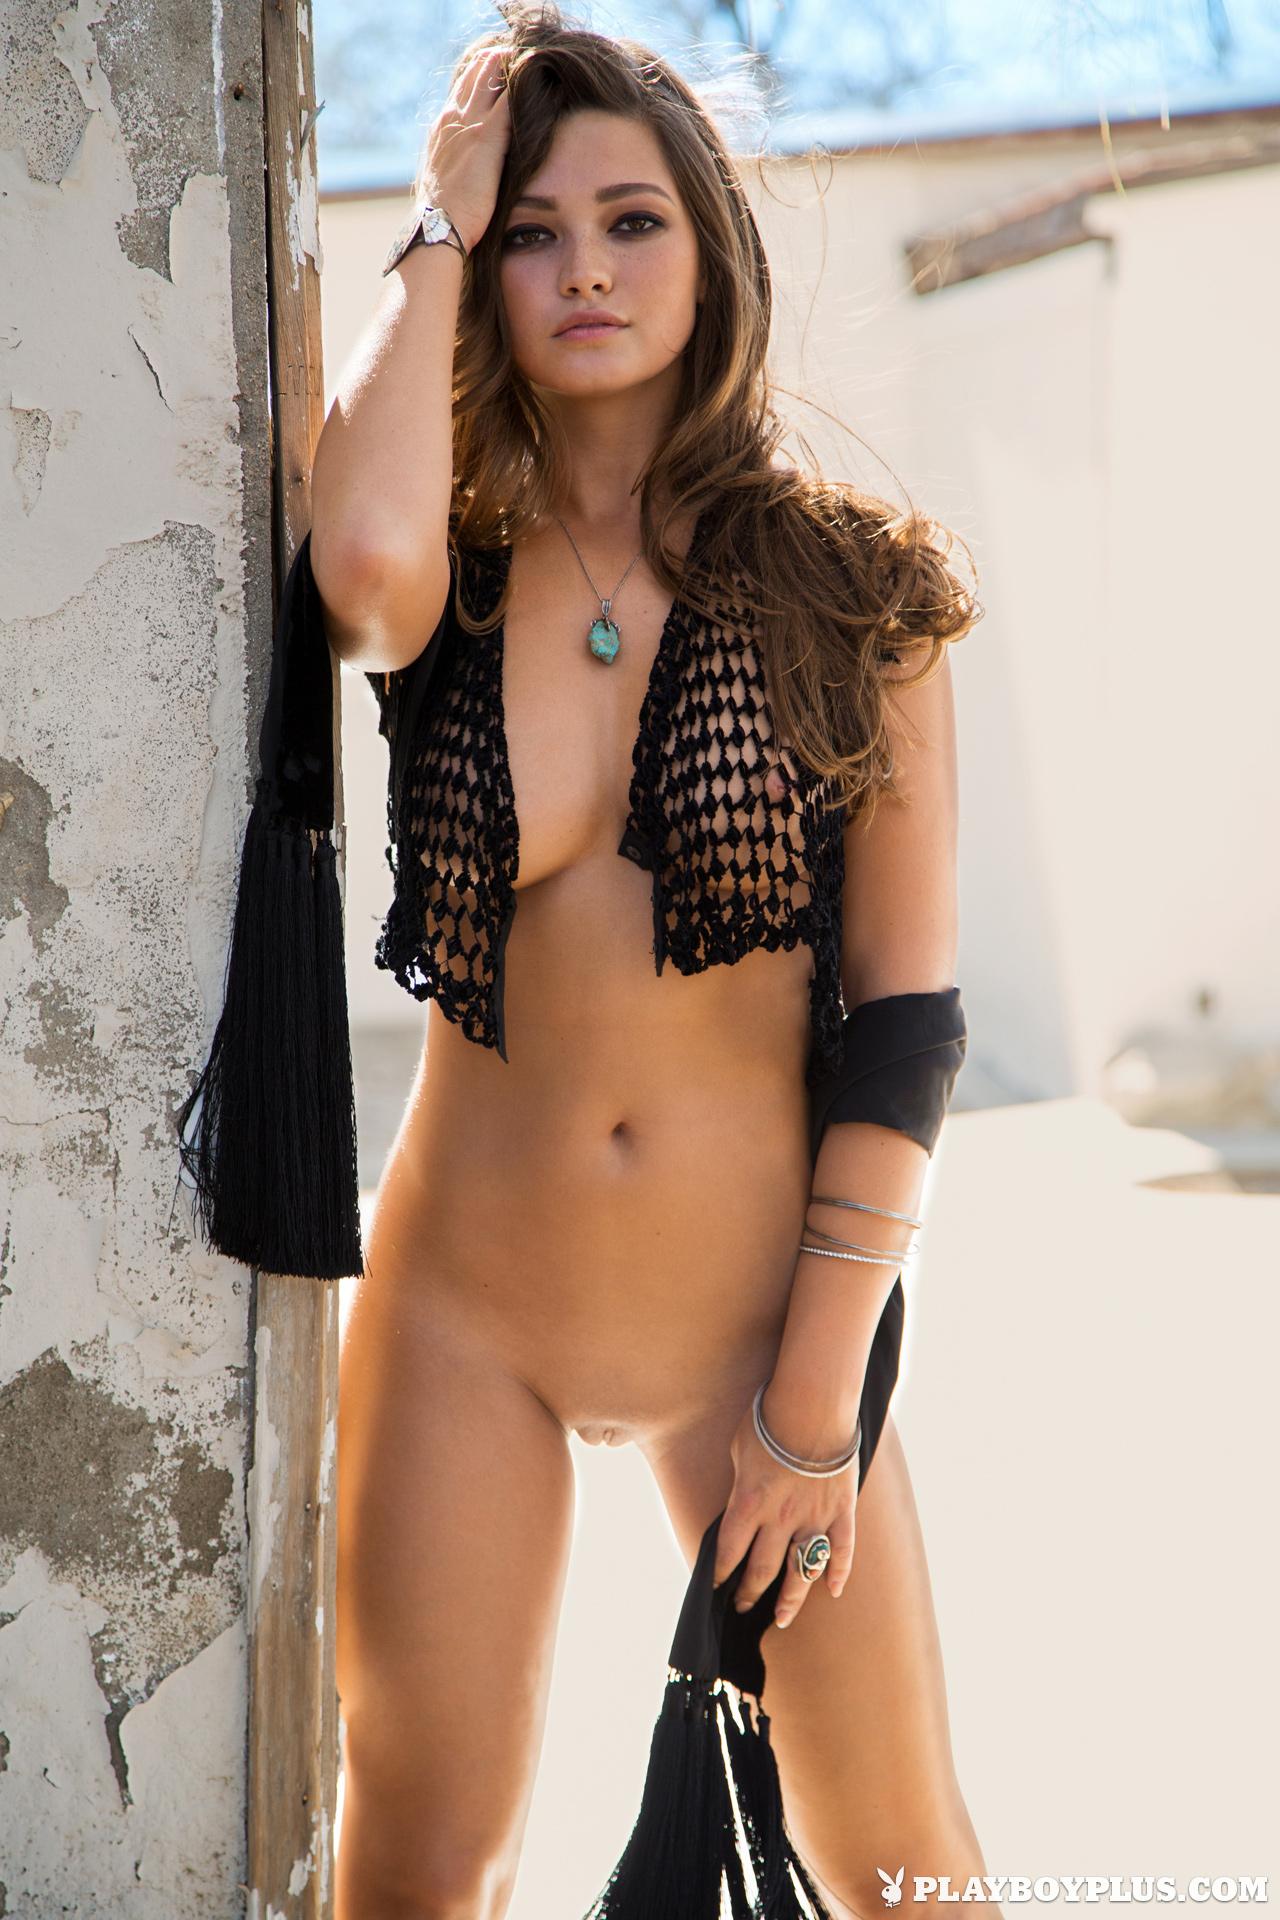 Chelsie aryn wild west naked playboy 04 RedBust